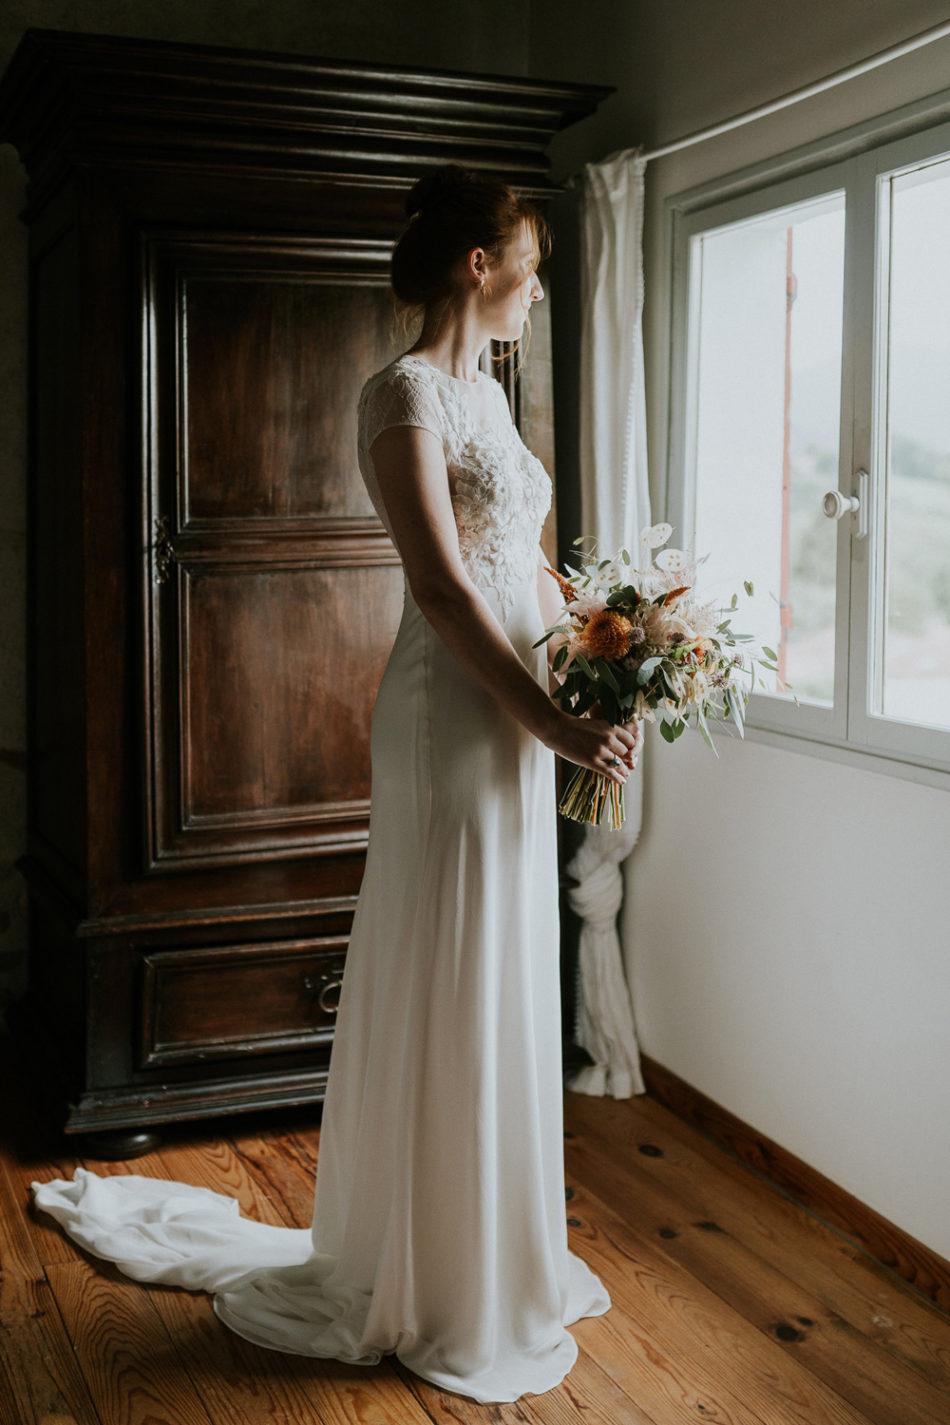 photographe mariage au pays basque